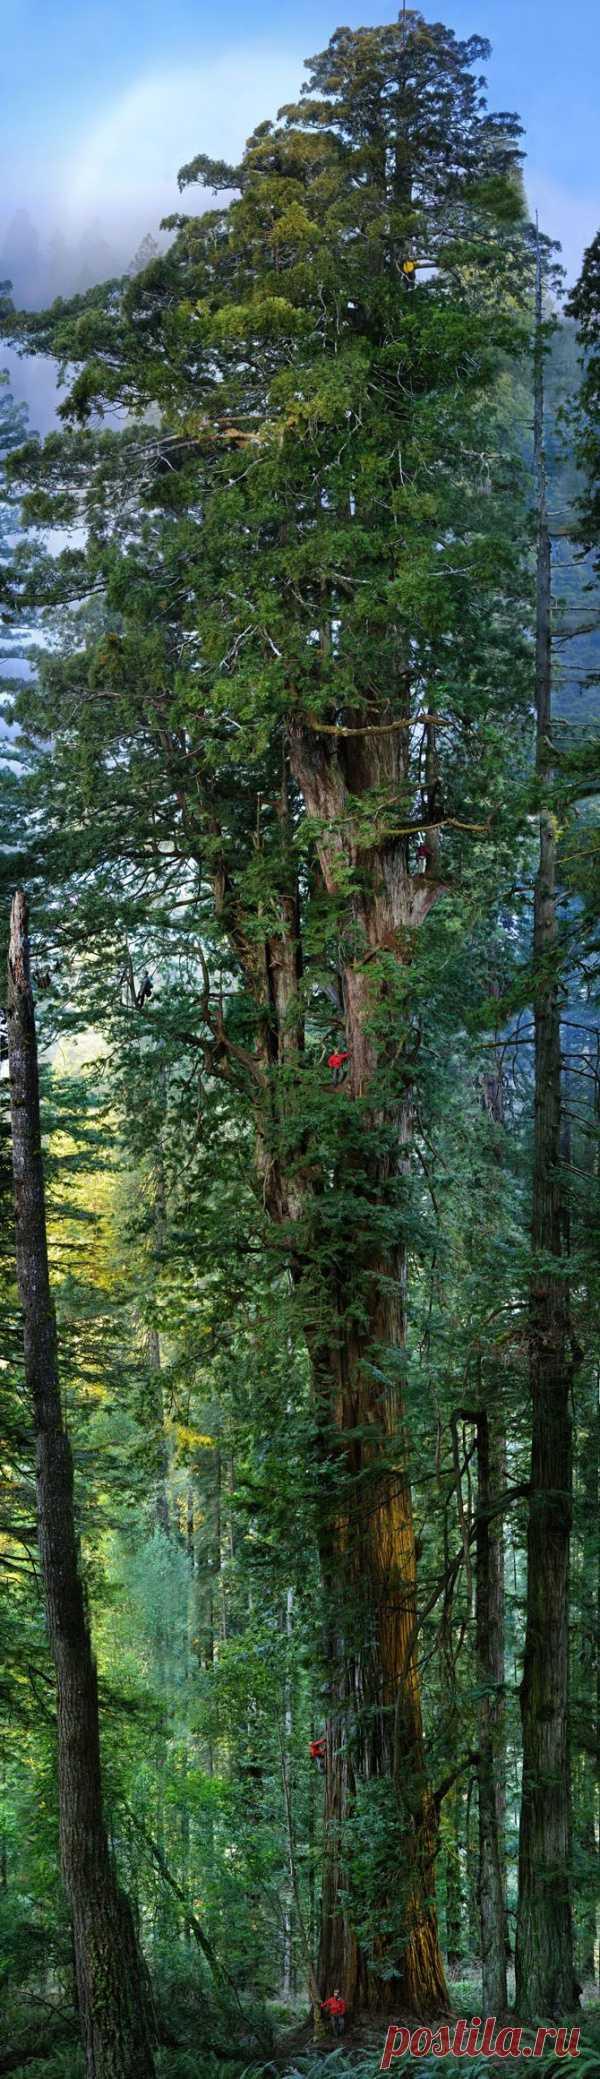 Деревья великаны. Мамонтово дерево. Калифорния, США